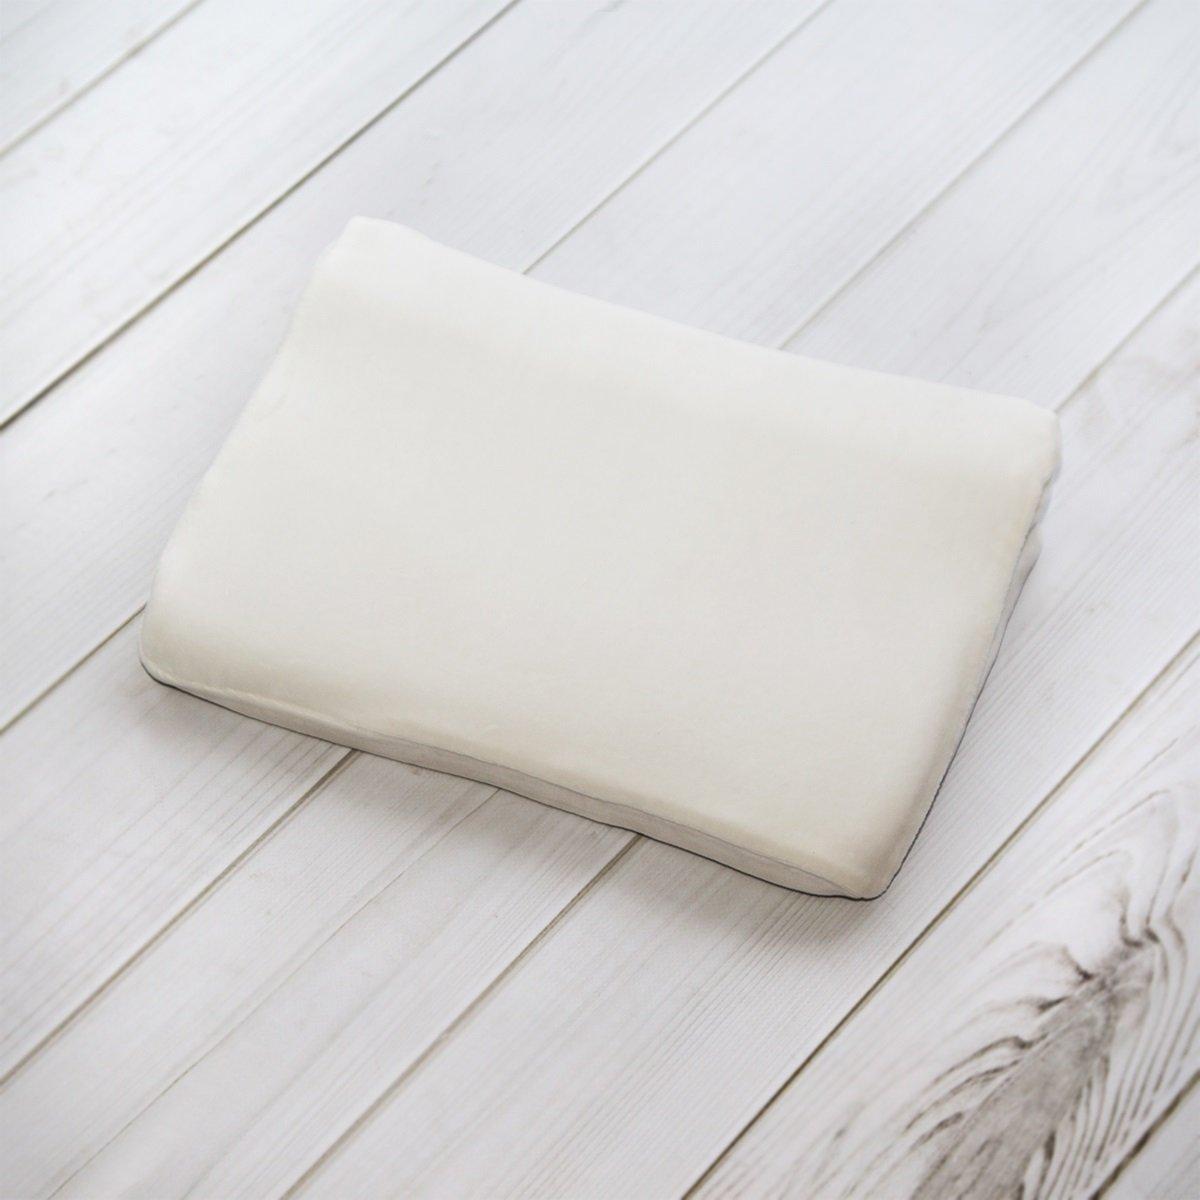 латексные подушки варианты фото